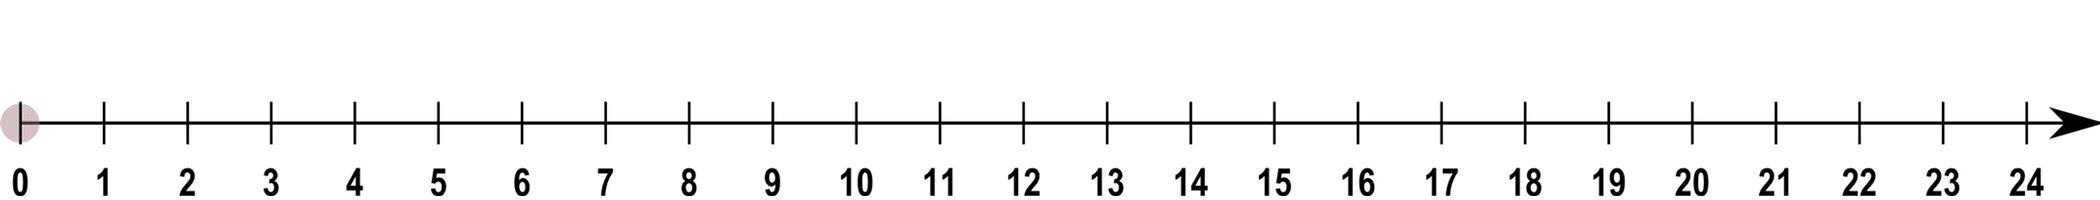 http://www.dadsworksheets.com/v1/Worksheets/Subtraction/More_Subtraction_Number_Line_V1.html